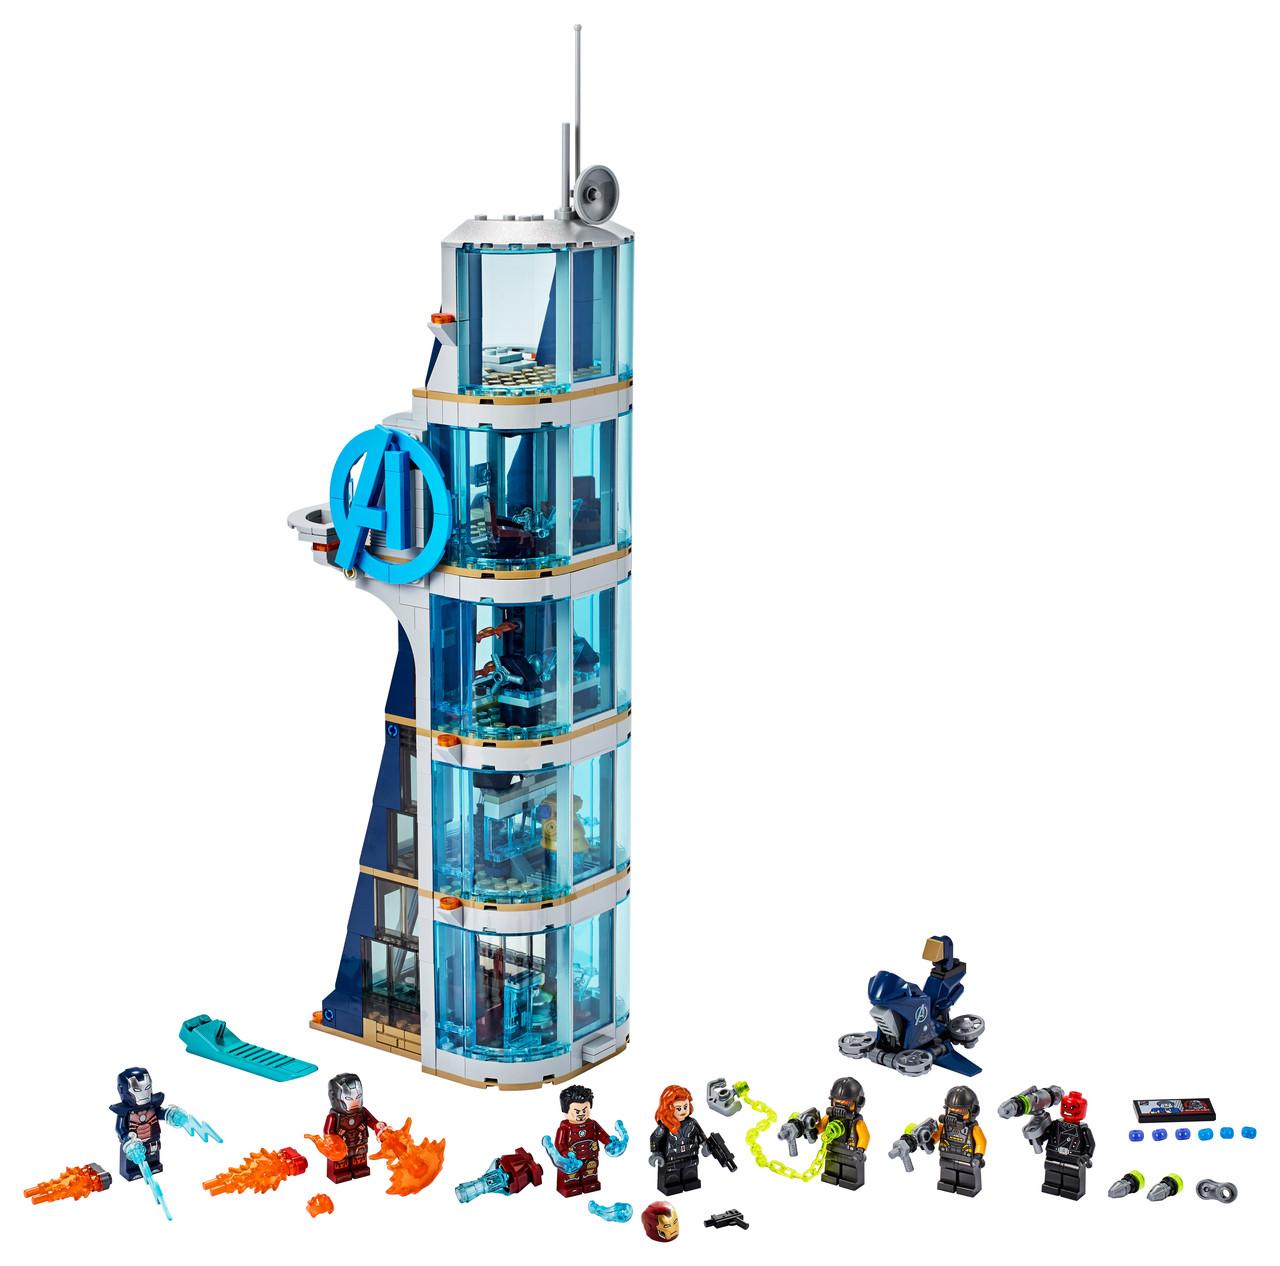 Конструктор LEGO Вежа Месників - Битва 685 деталей (76166)